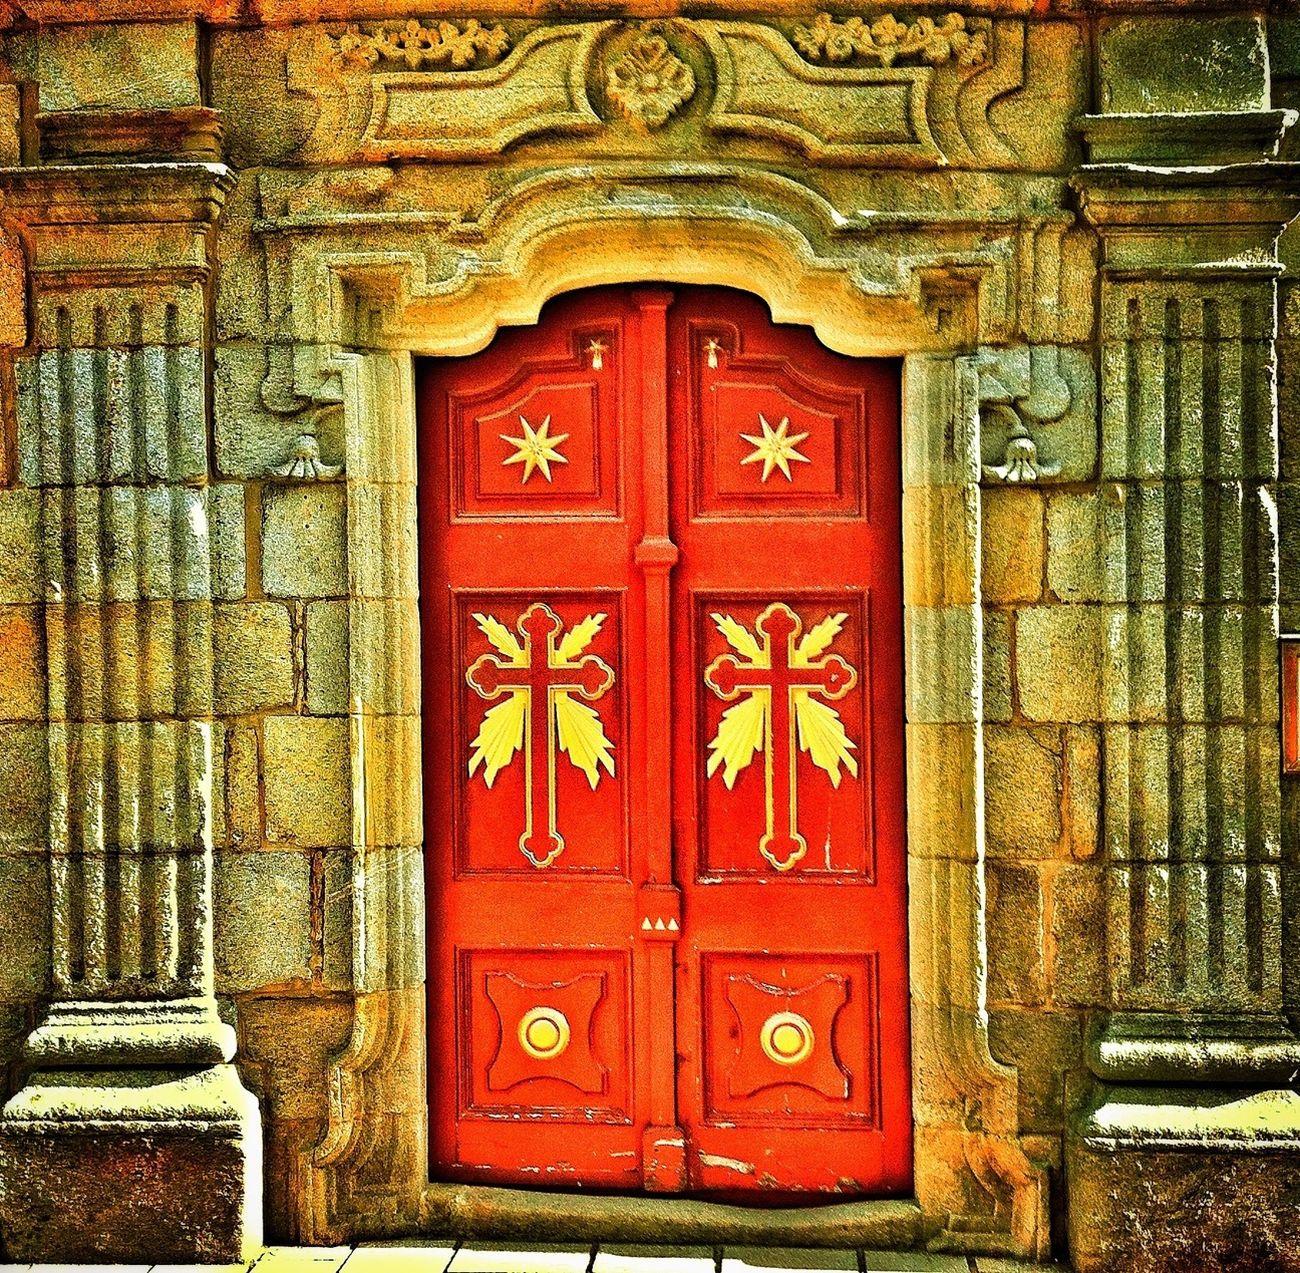 Porta da igrexa Santa María de Darbo en Cangas